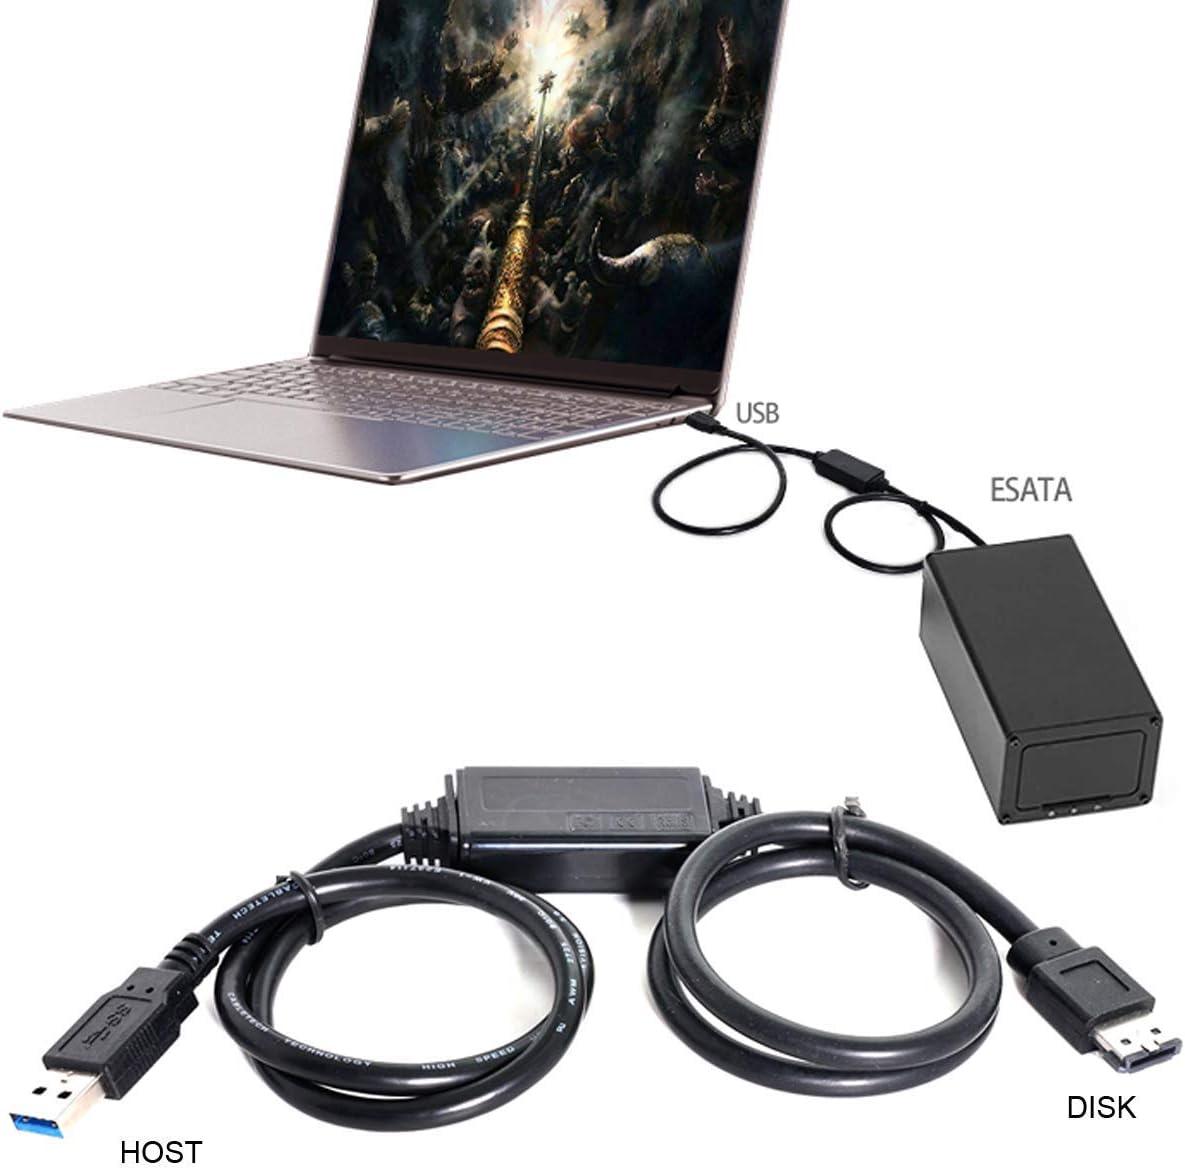 SSD CY USB 3.0 zu eSATA Adapter USB zu HDD ODD Konverter eSATA zu USB Kabel